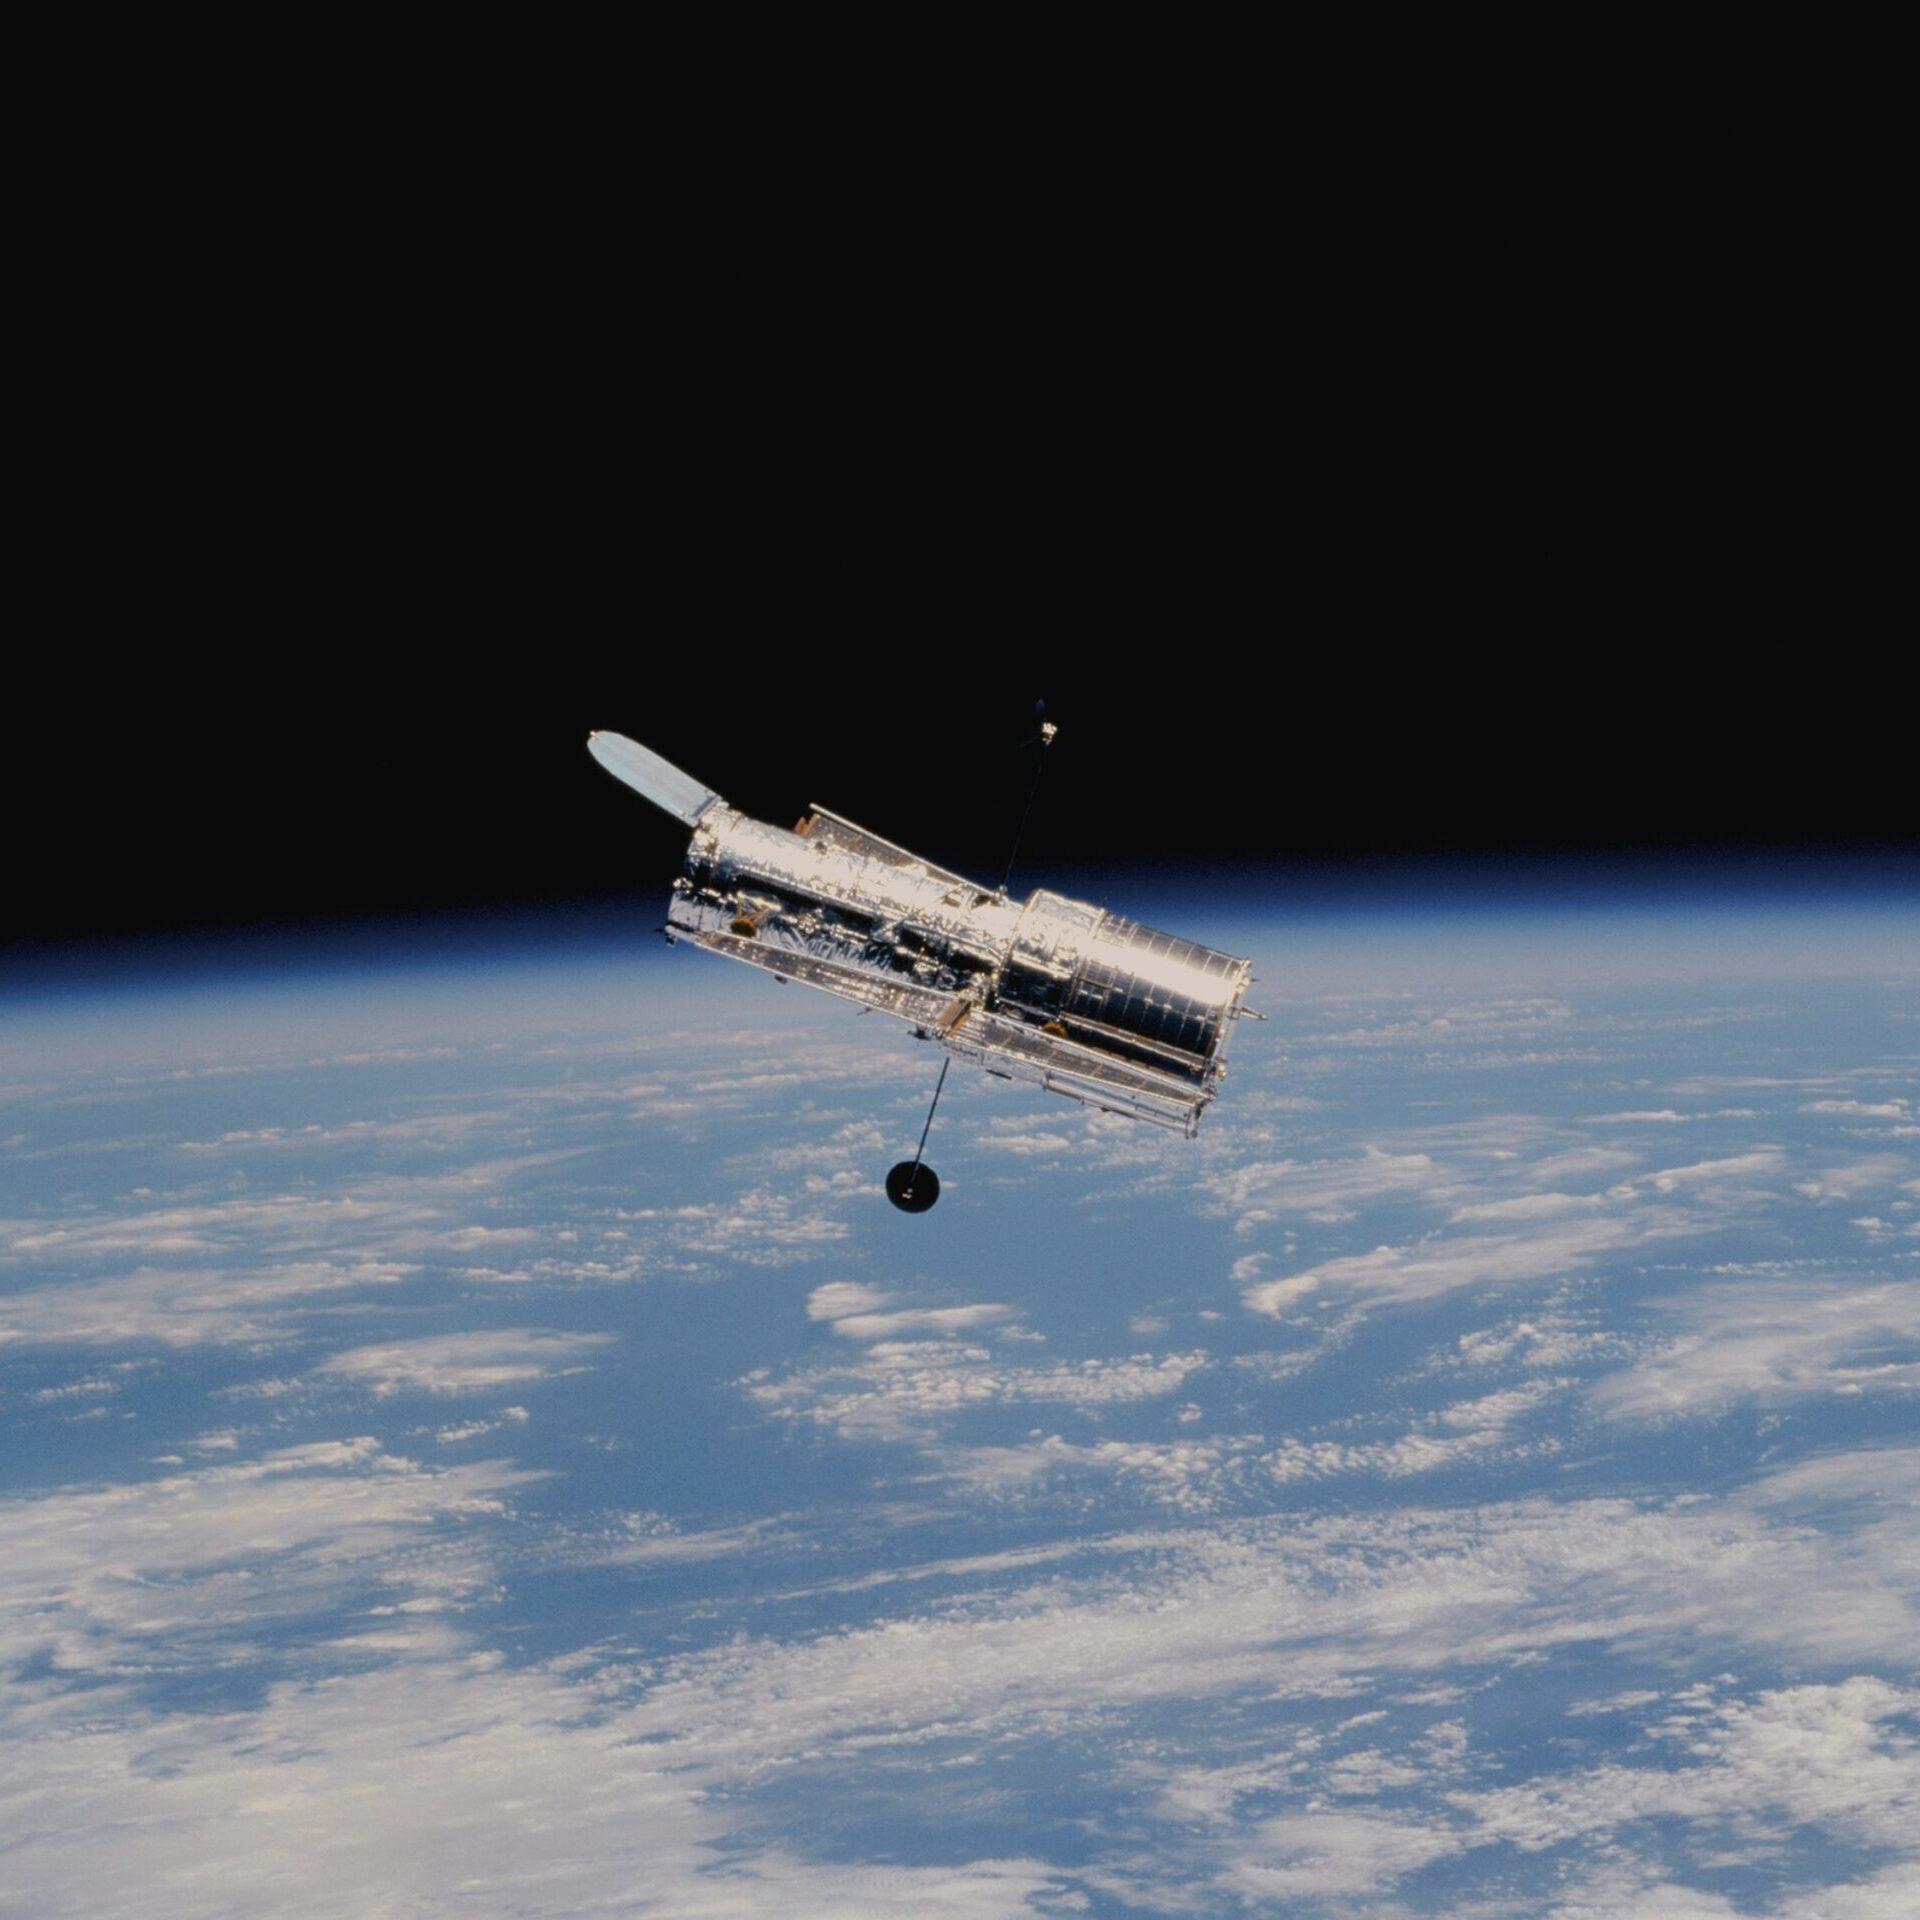 Przyrządy astronomiczne, które zrewolucjonizowały naszą wiedzę na temat wszechświata.